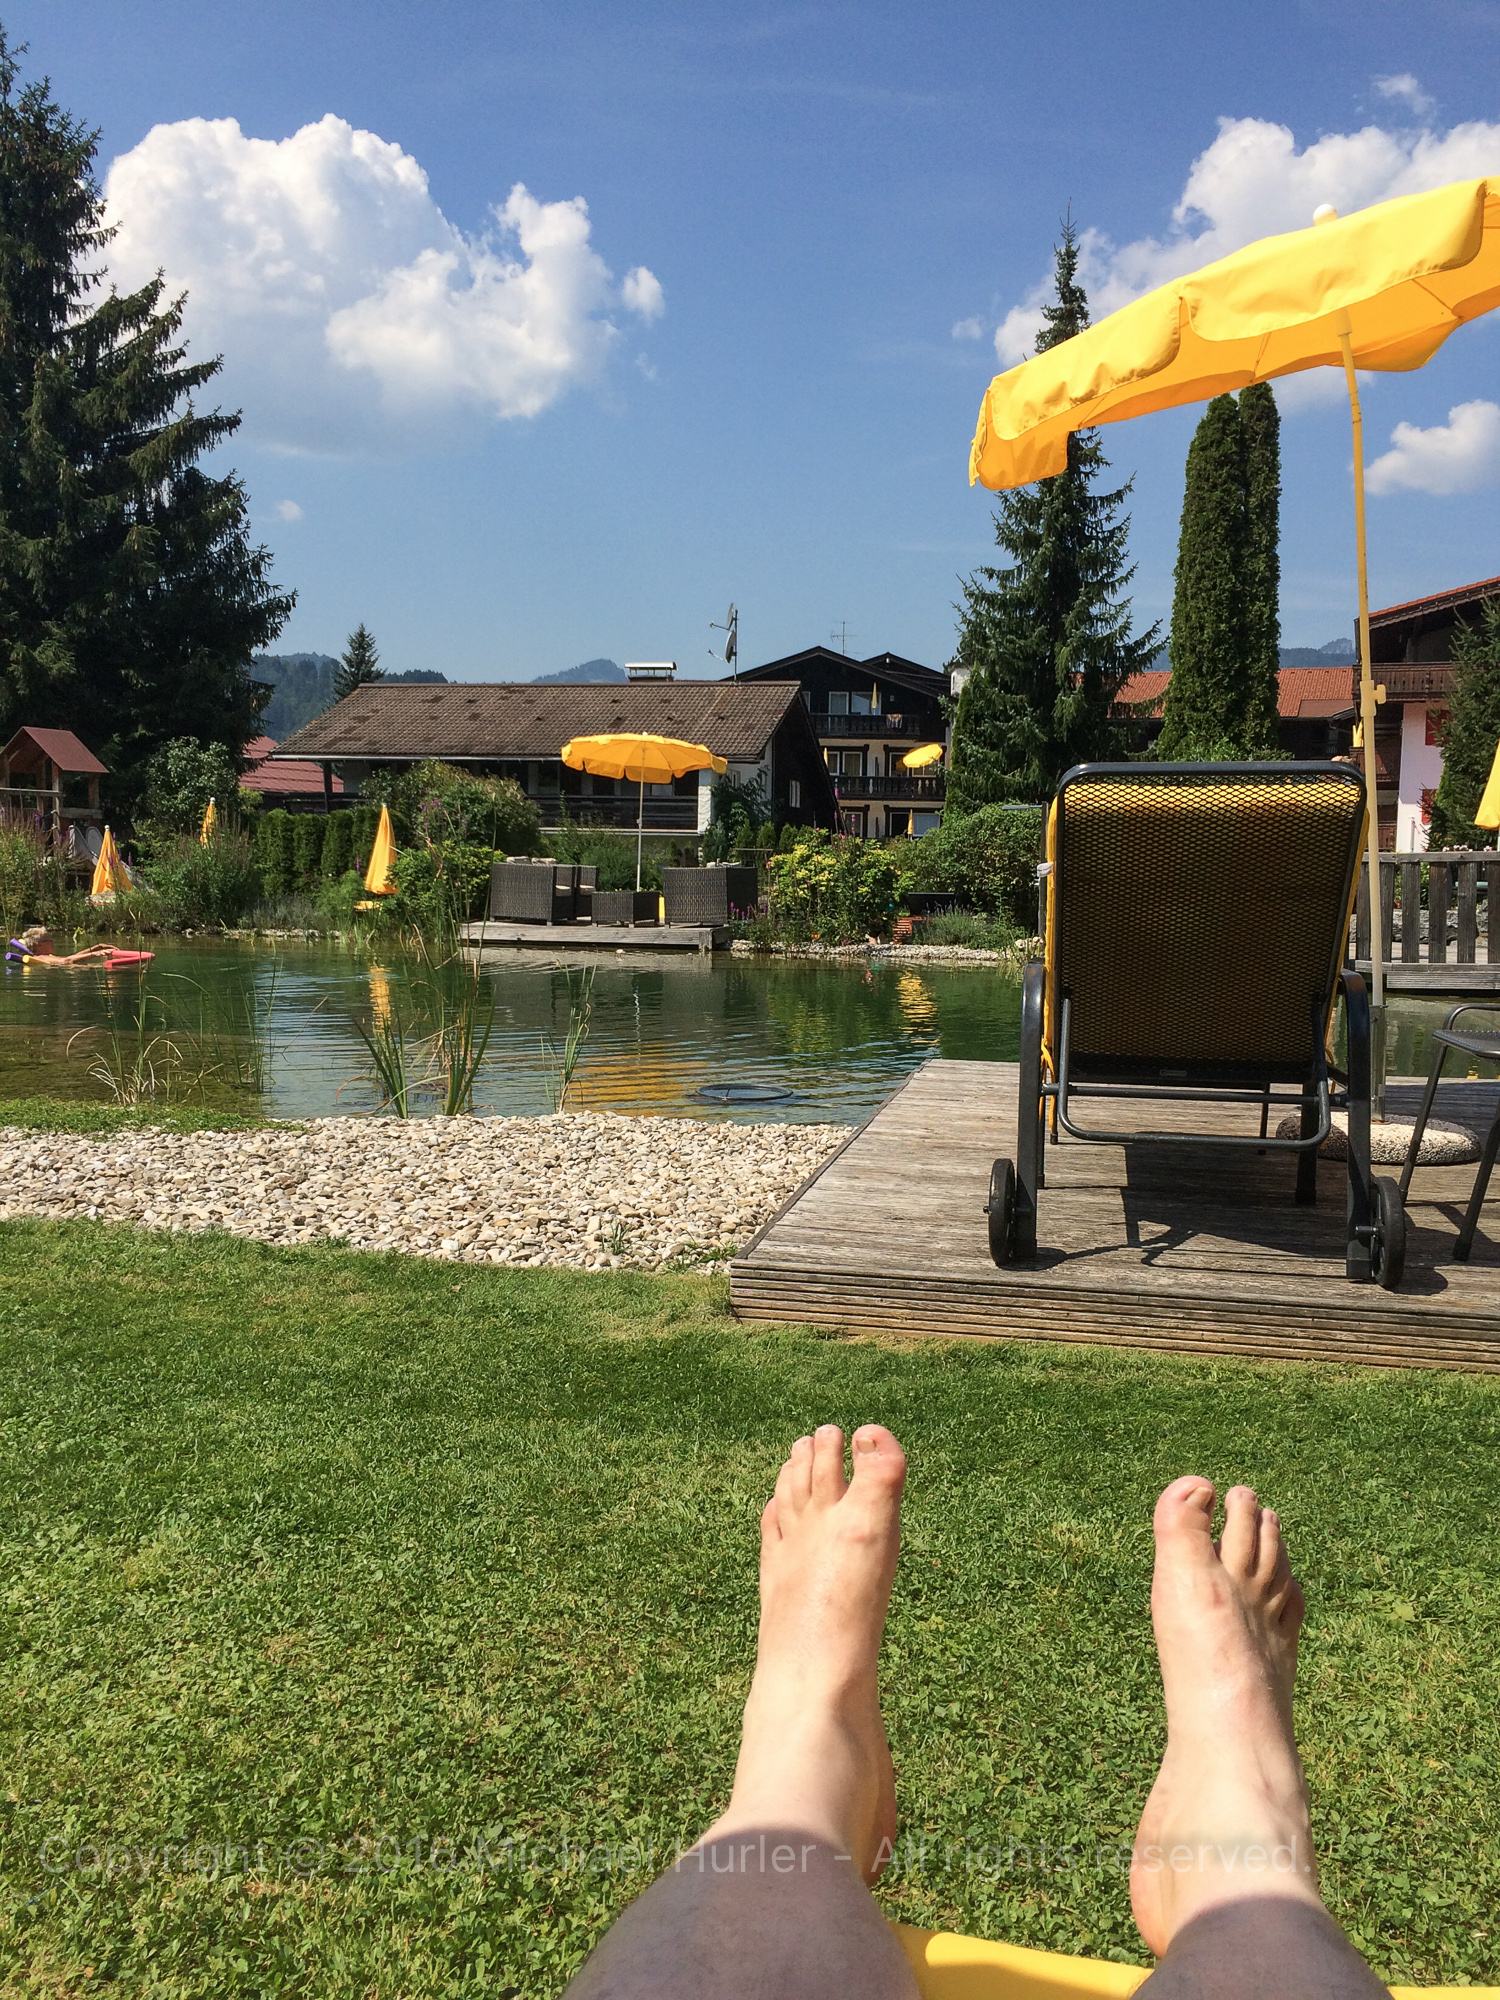 13.08.2015, Oberstdorfurlaub, Relaxarbeitstag - und das im Urlaub